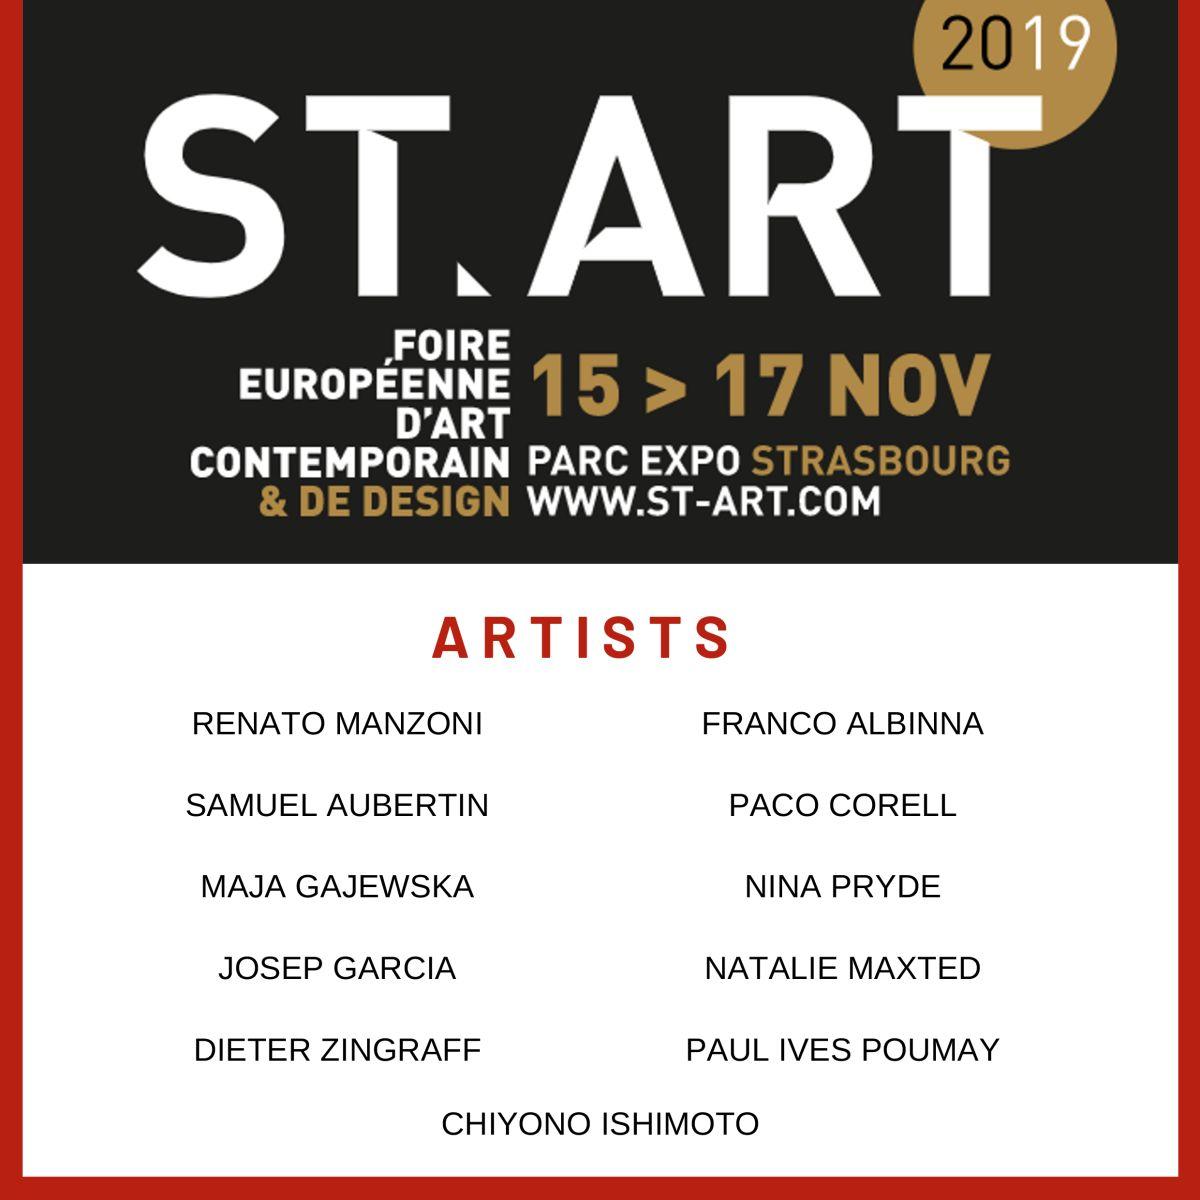 ST-ART - the European Contemporary Art Fair